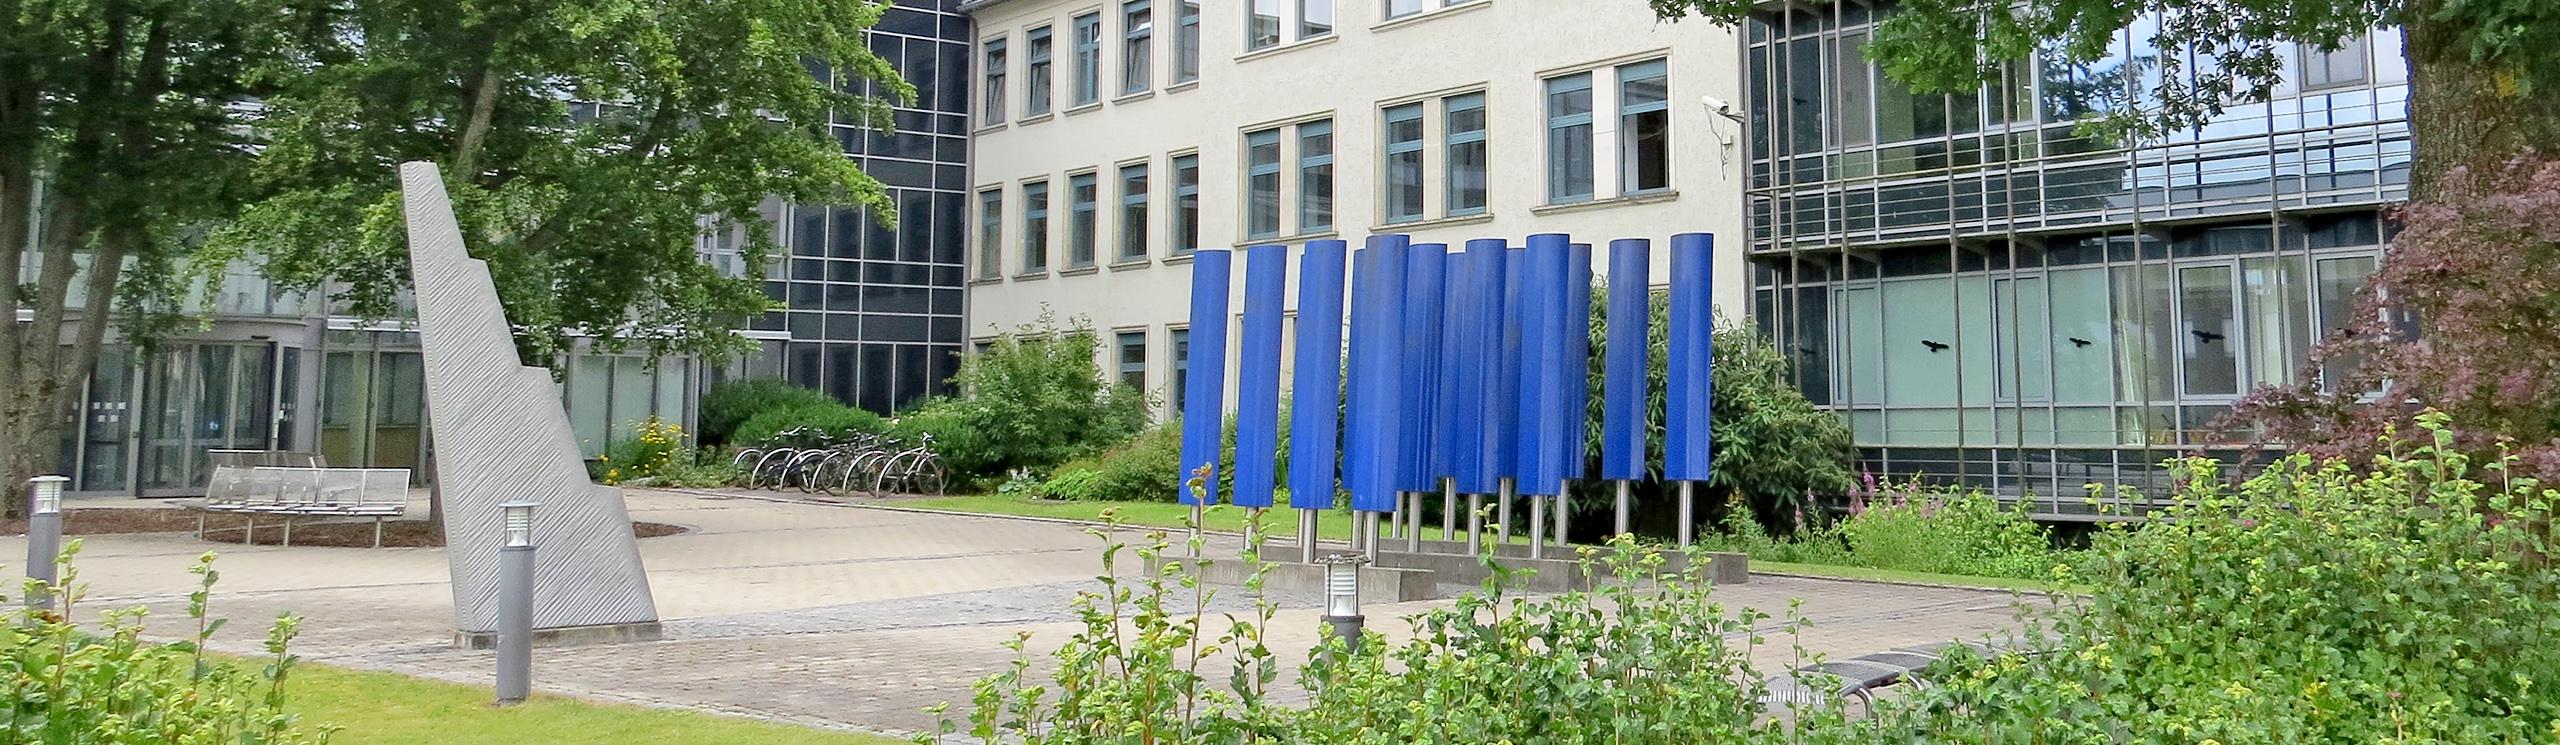 Eingang Landesamt für Pflege in Amberg